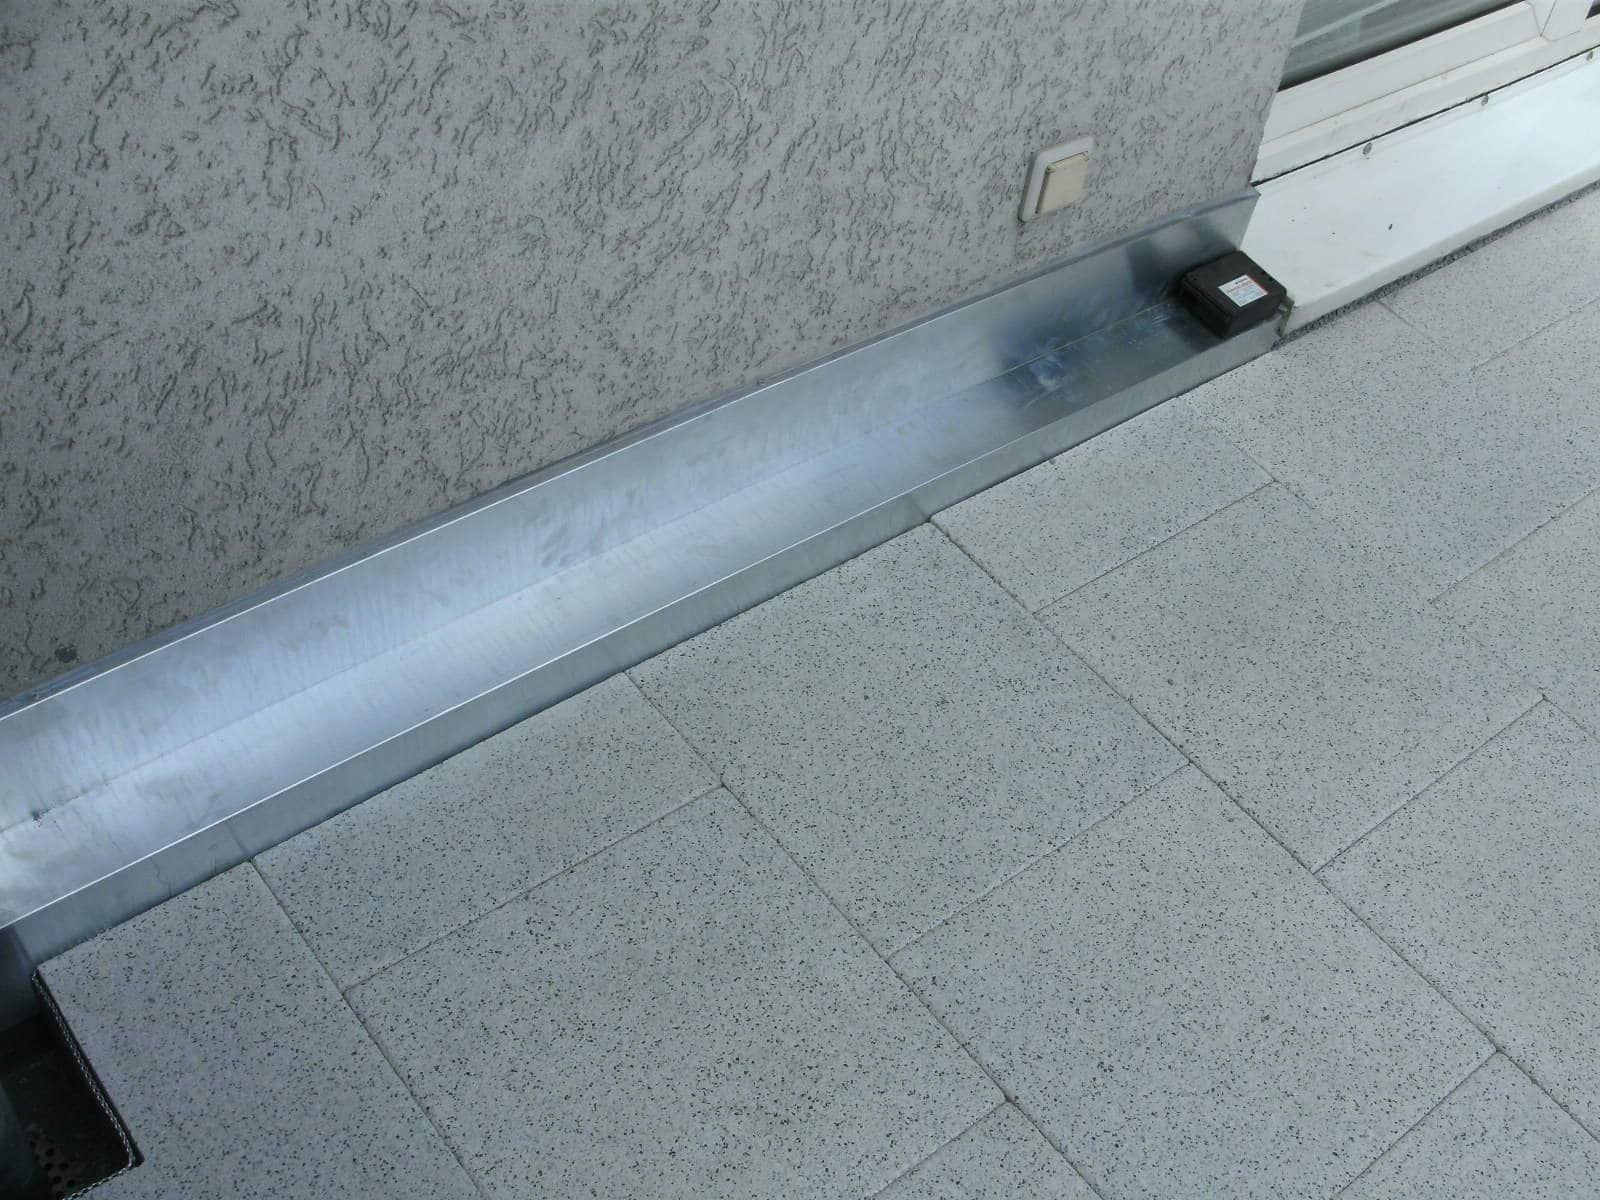 Balkonsanierung Und Abdichtung Dusseldorf Vom Profi Immocomp E K